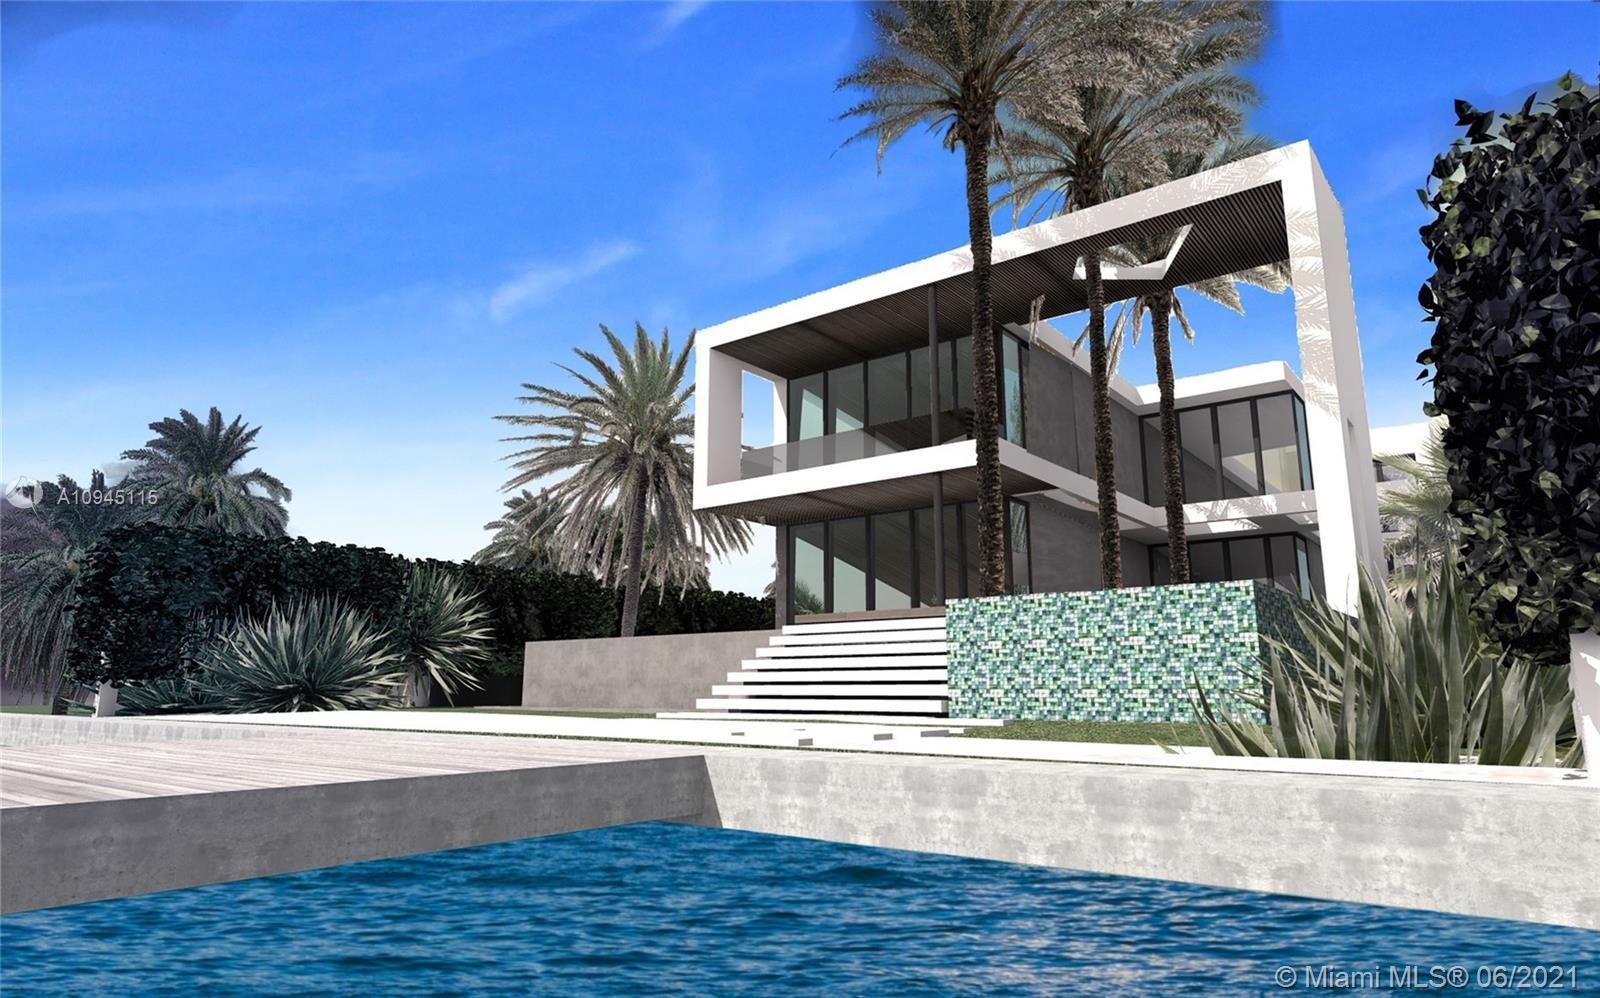 165 N Hibiscus Dr, Miami Beach, FL 33139 - #: A10945115